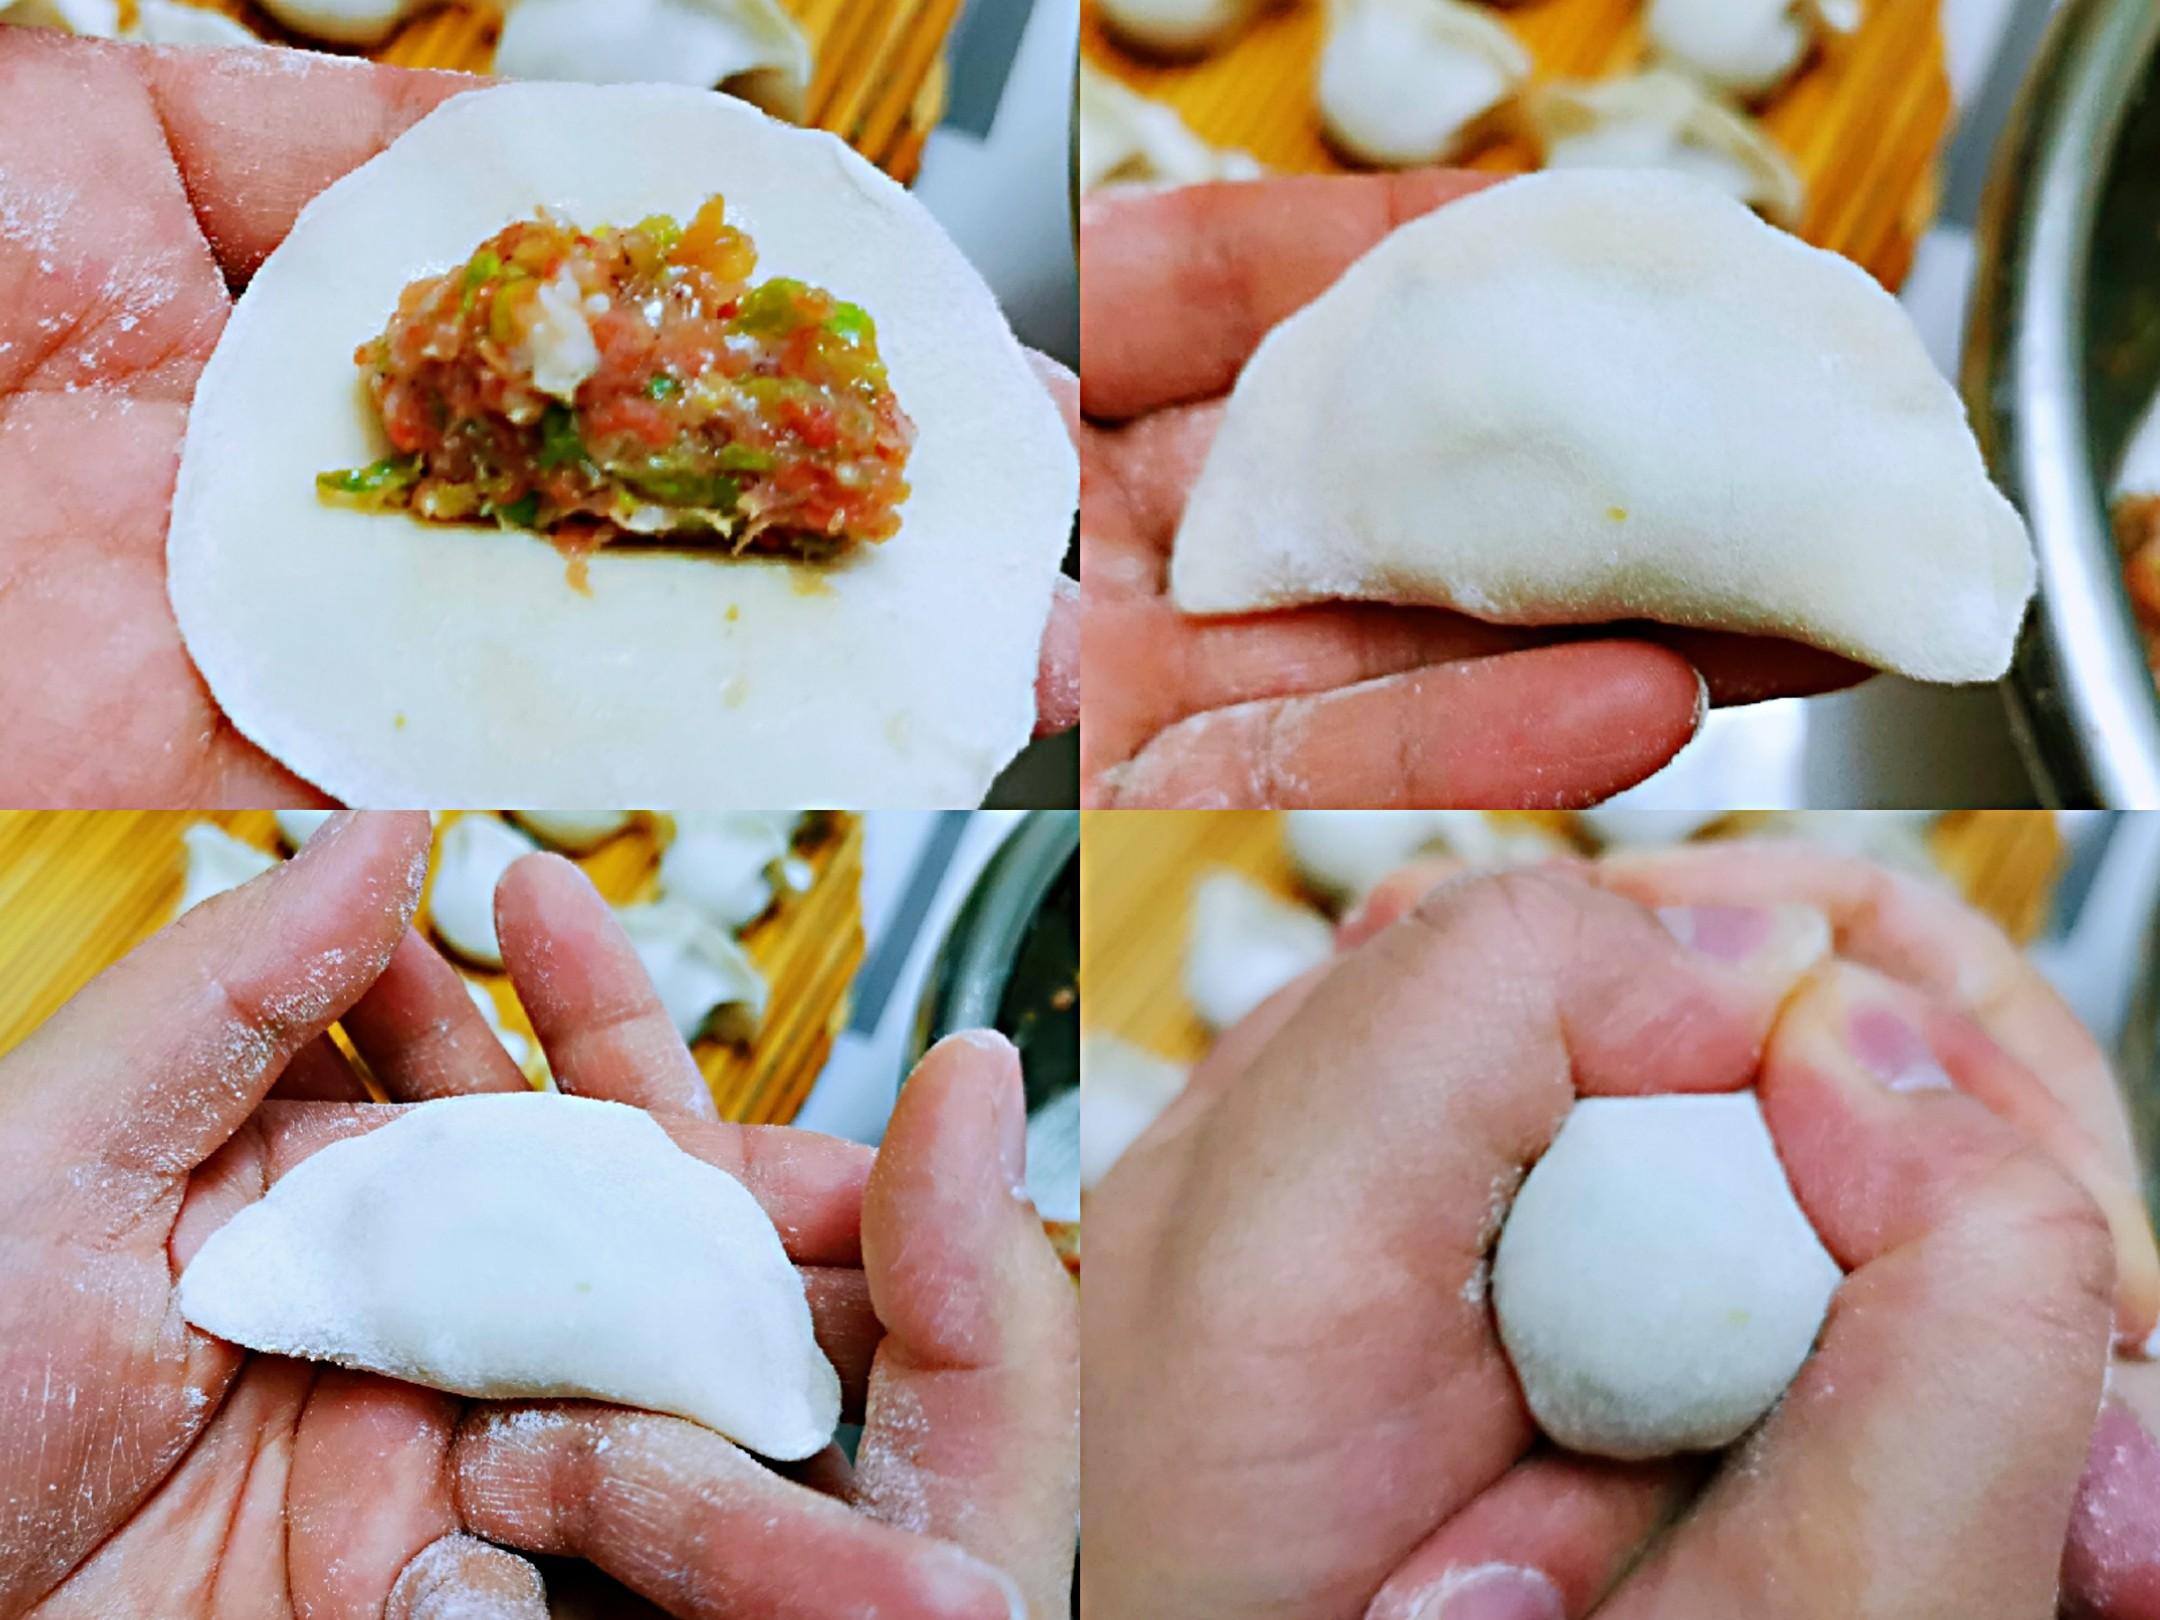 豆角红萝卜肉饺子的步骤